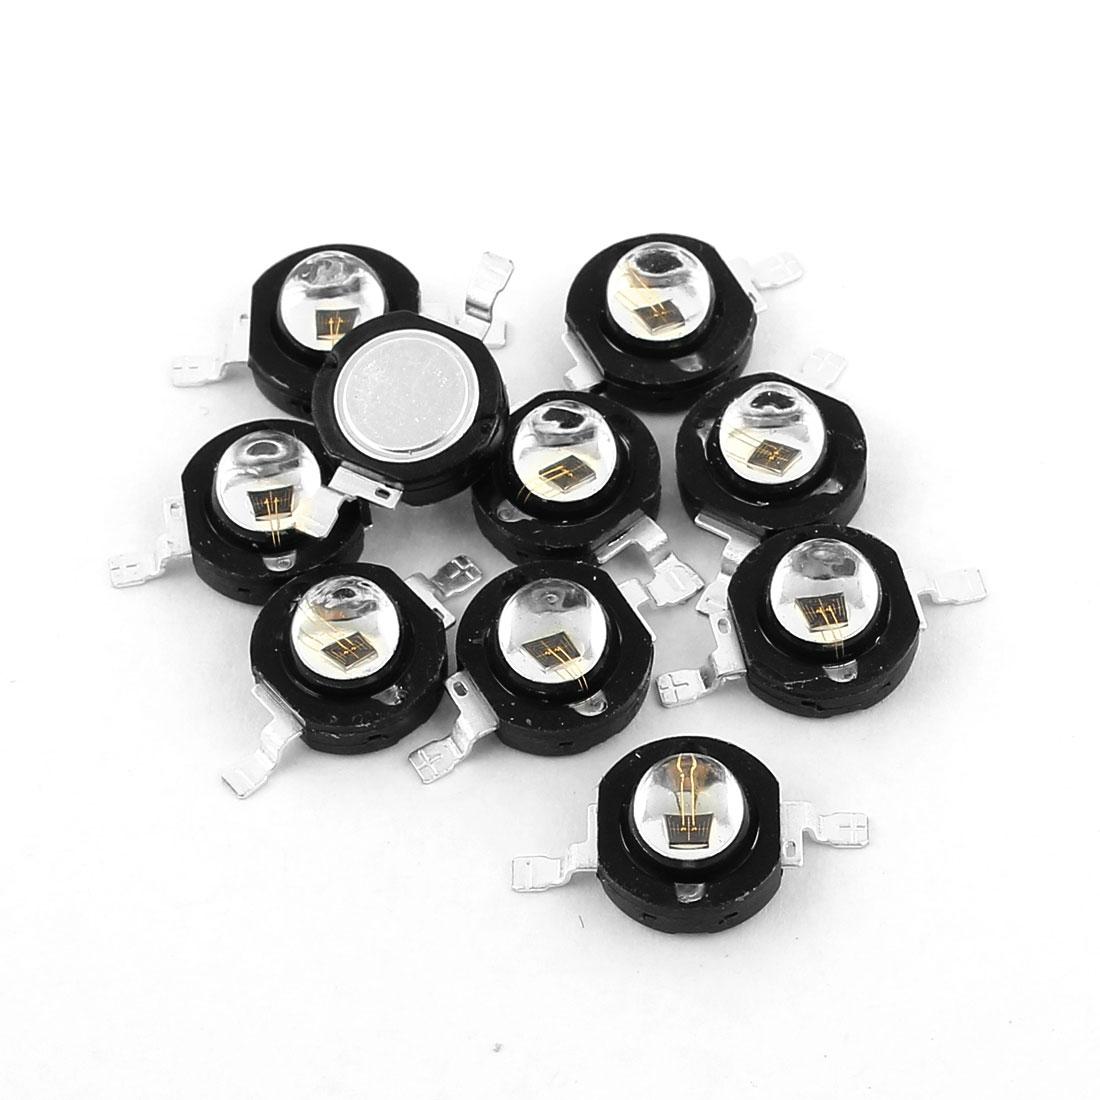 10 Pcs High Power 850 Nano IR Infrared LED Diode SD-DR4201C8 For CCTV Camera